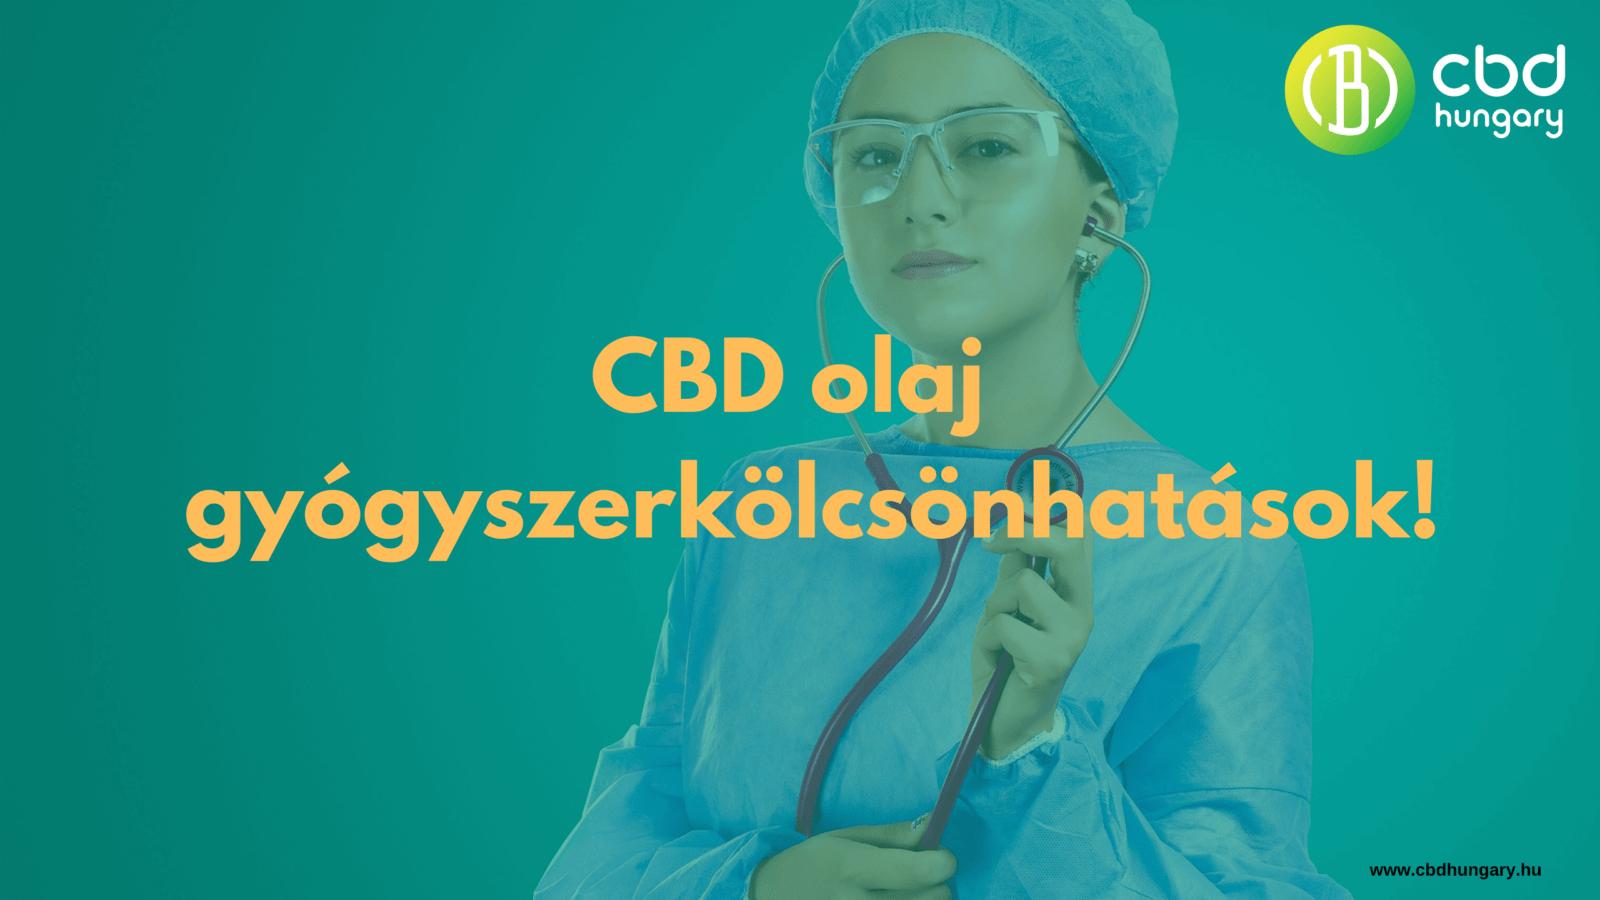 A CBD olaj és gyógyszerek kölcsönhatásáról érthetően, röviden.